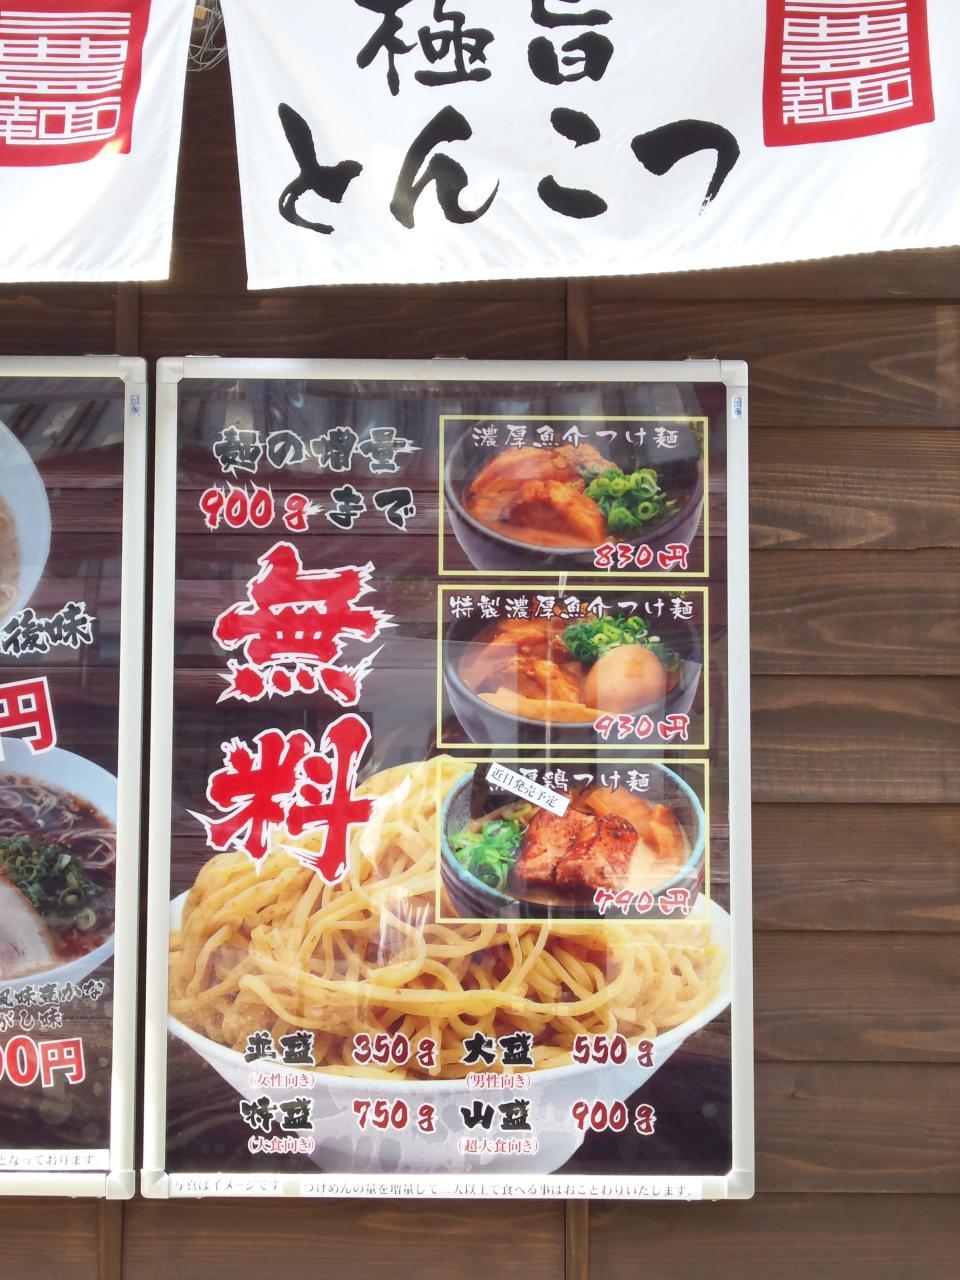 三豊麺人形町店(店舗外観)